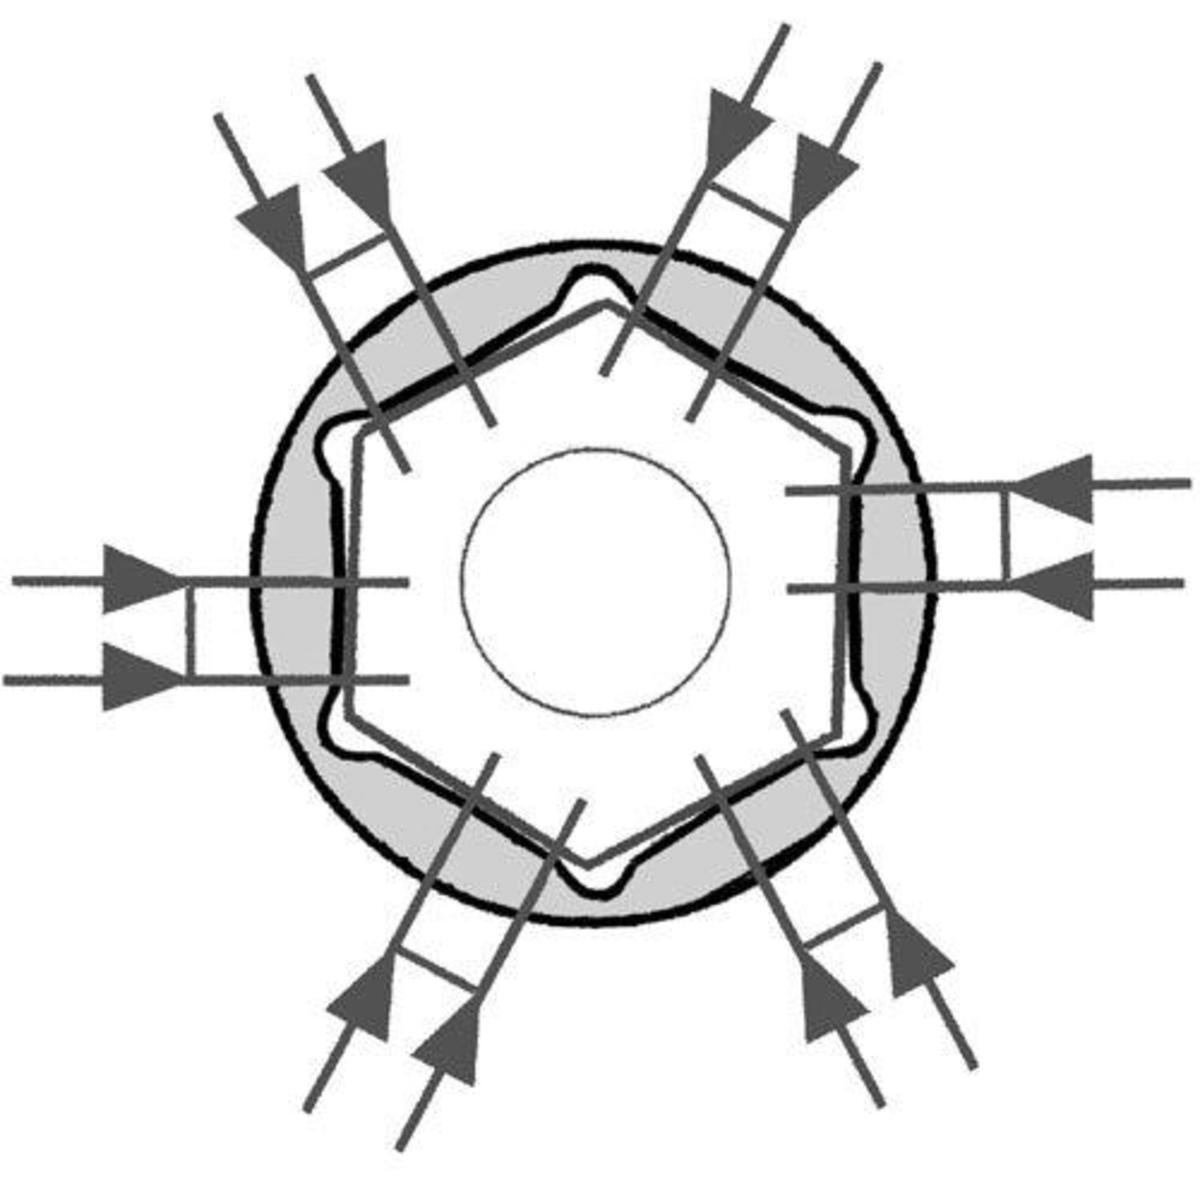 Bild 2 von Famex 584-FX-49 Steckschlüsselsatz, 86-tlg. - 4-32 mm